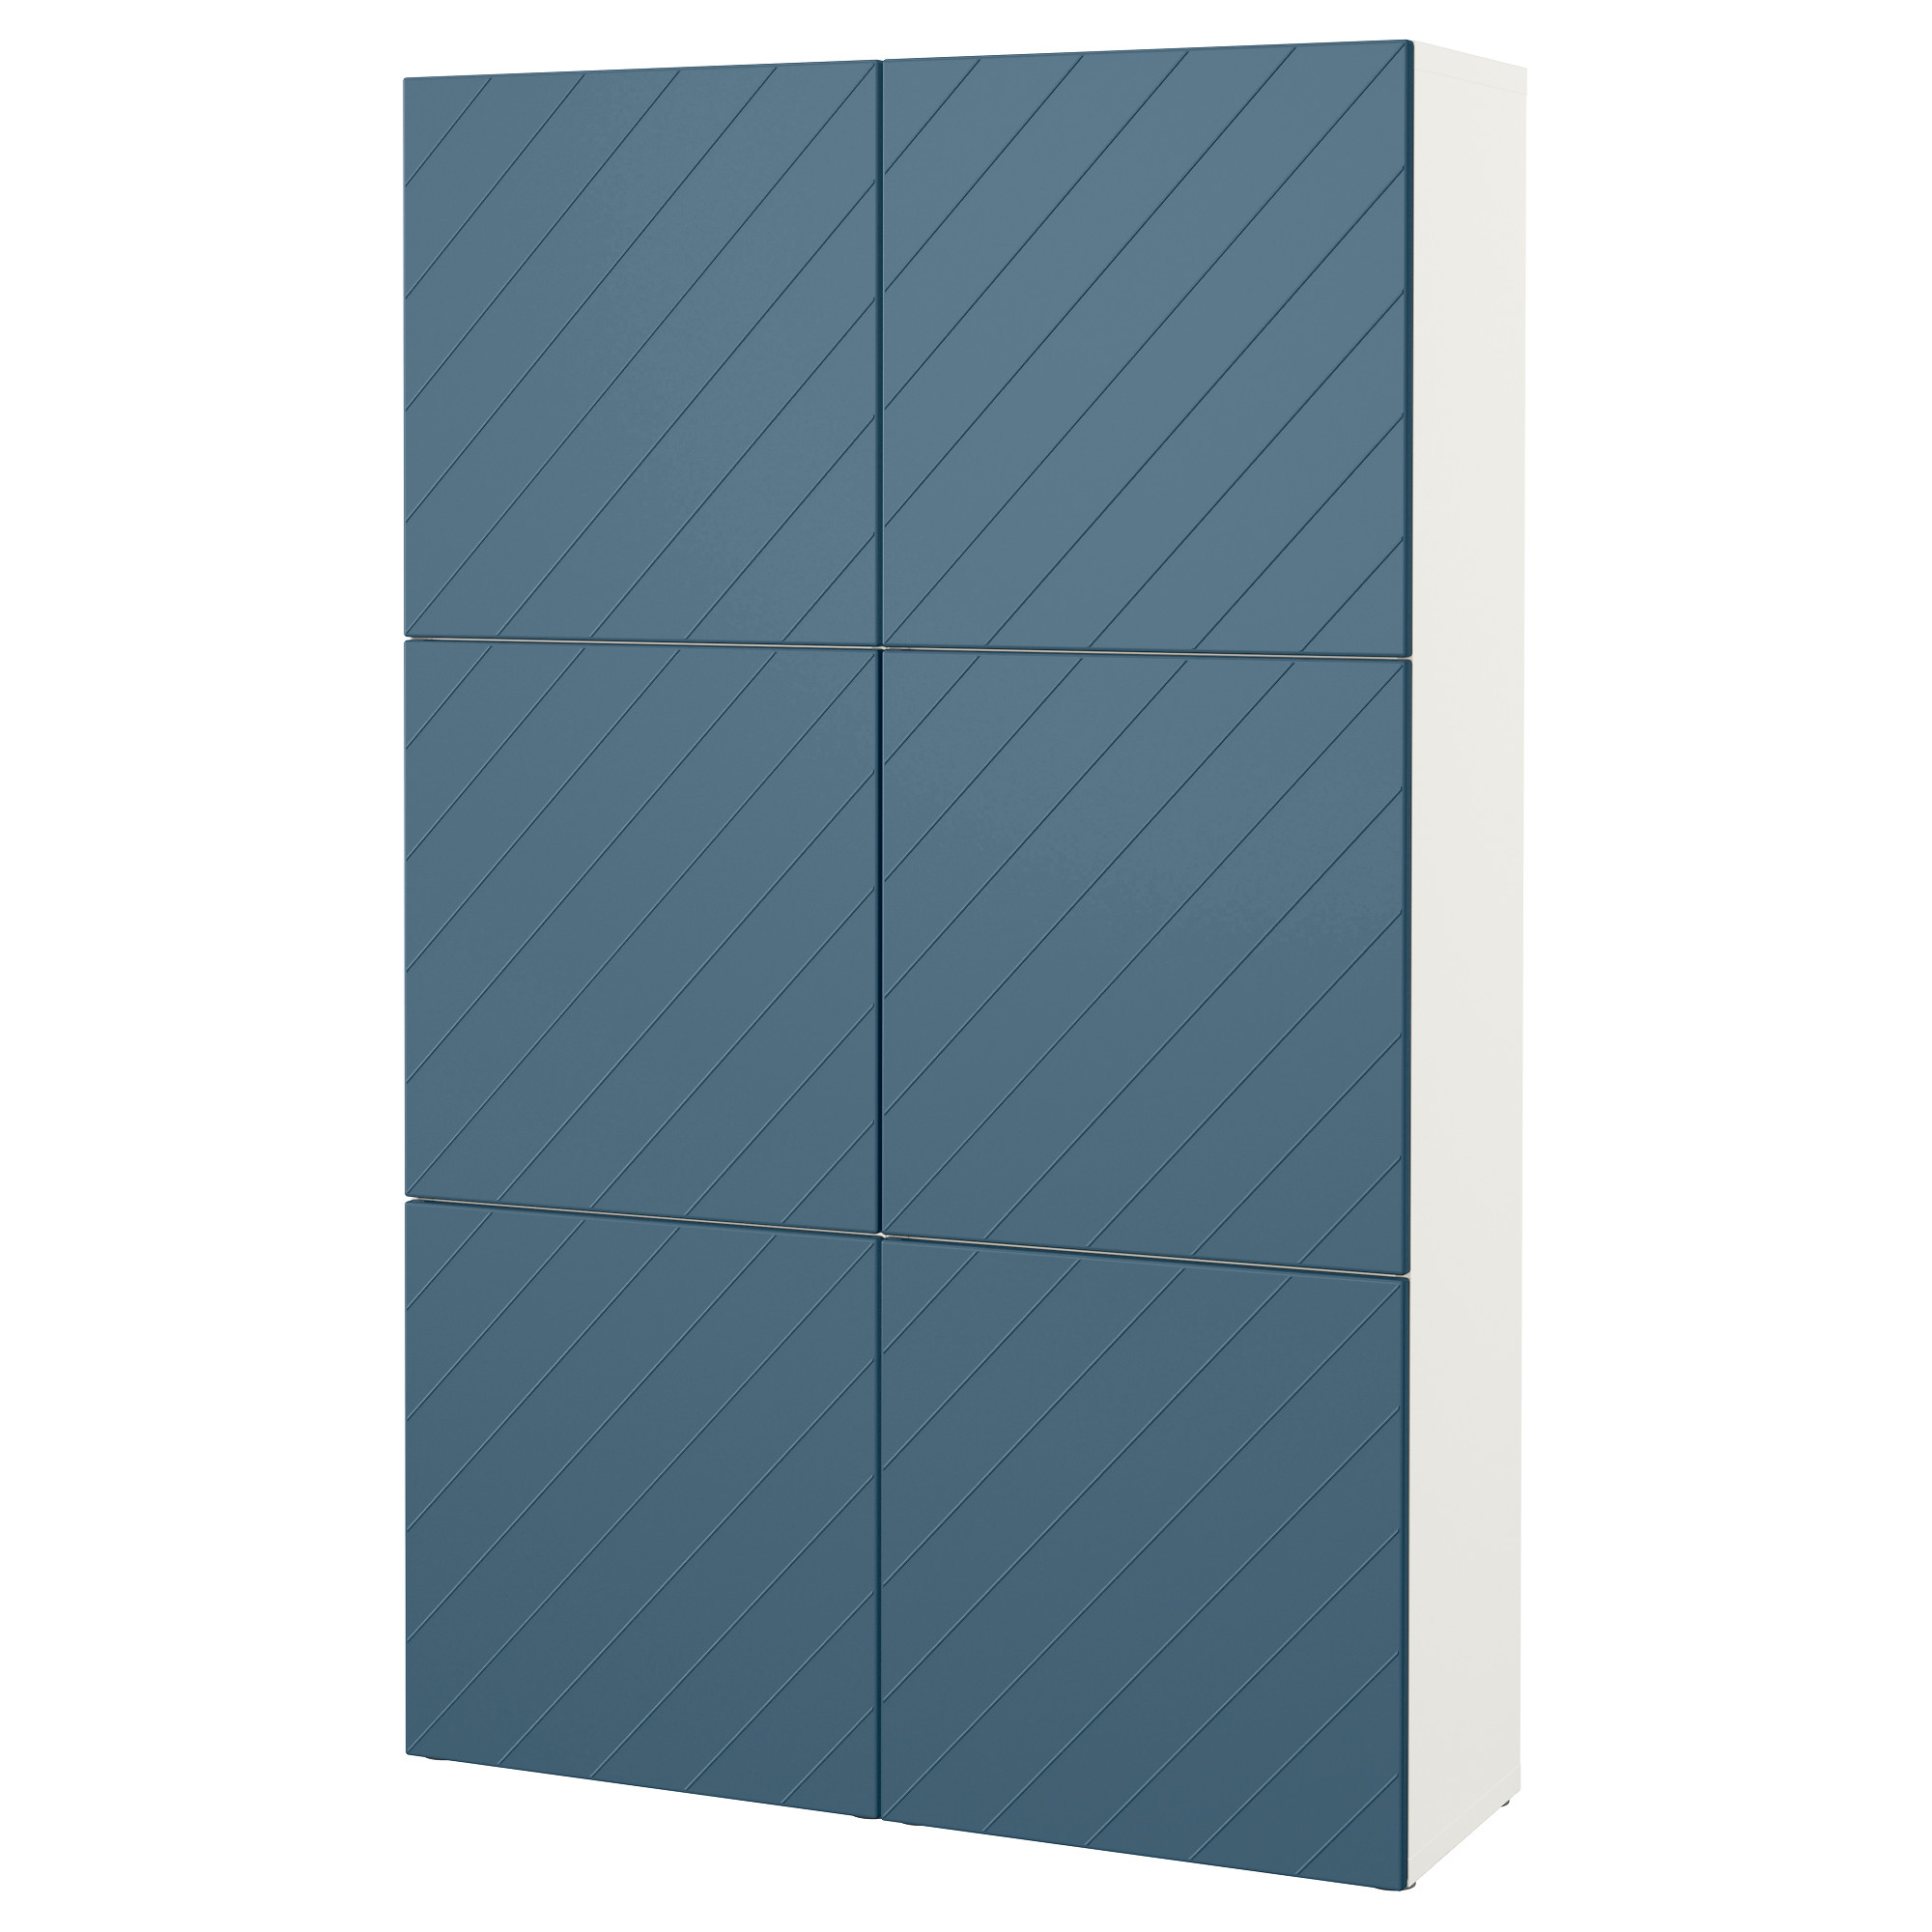 Комбинация для хранения с дверцами БЕСТО темно-синий артикуль № 592.763.65 в наличии. Интернет магазин IKEA РБ. Недорогая доставка и соборка.